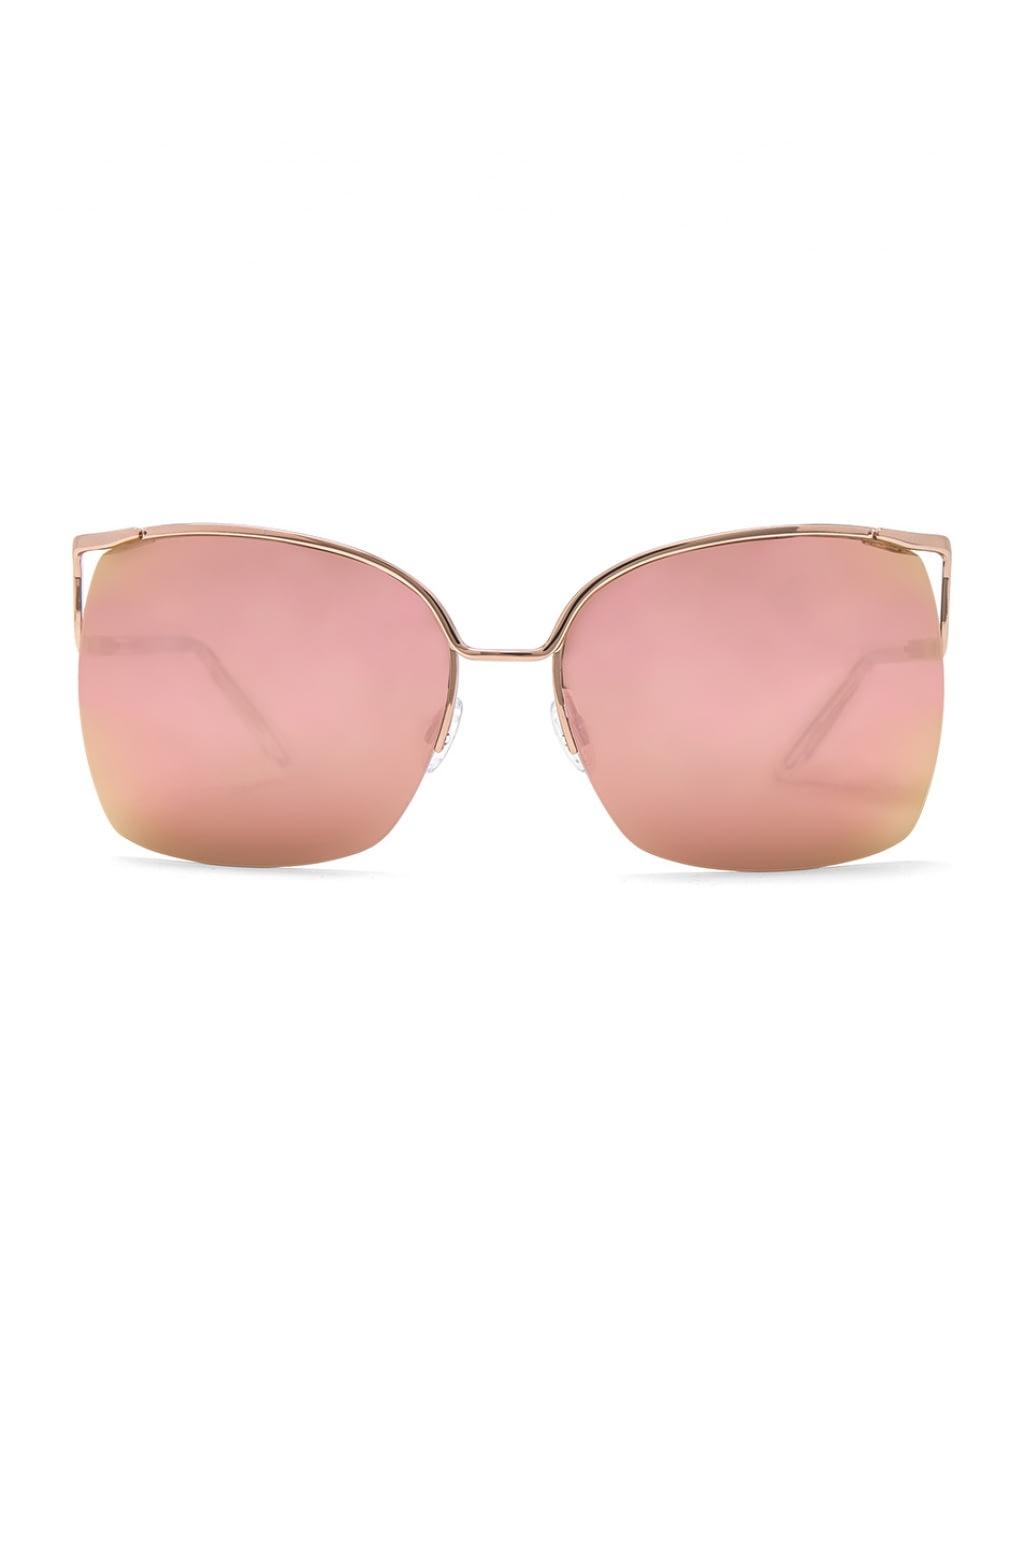 ed2b78cfea Barton Perreira Satdha Sunglasses · Barton Perreira Satdha Sunglasses ...